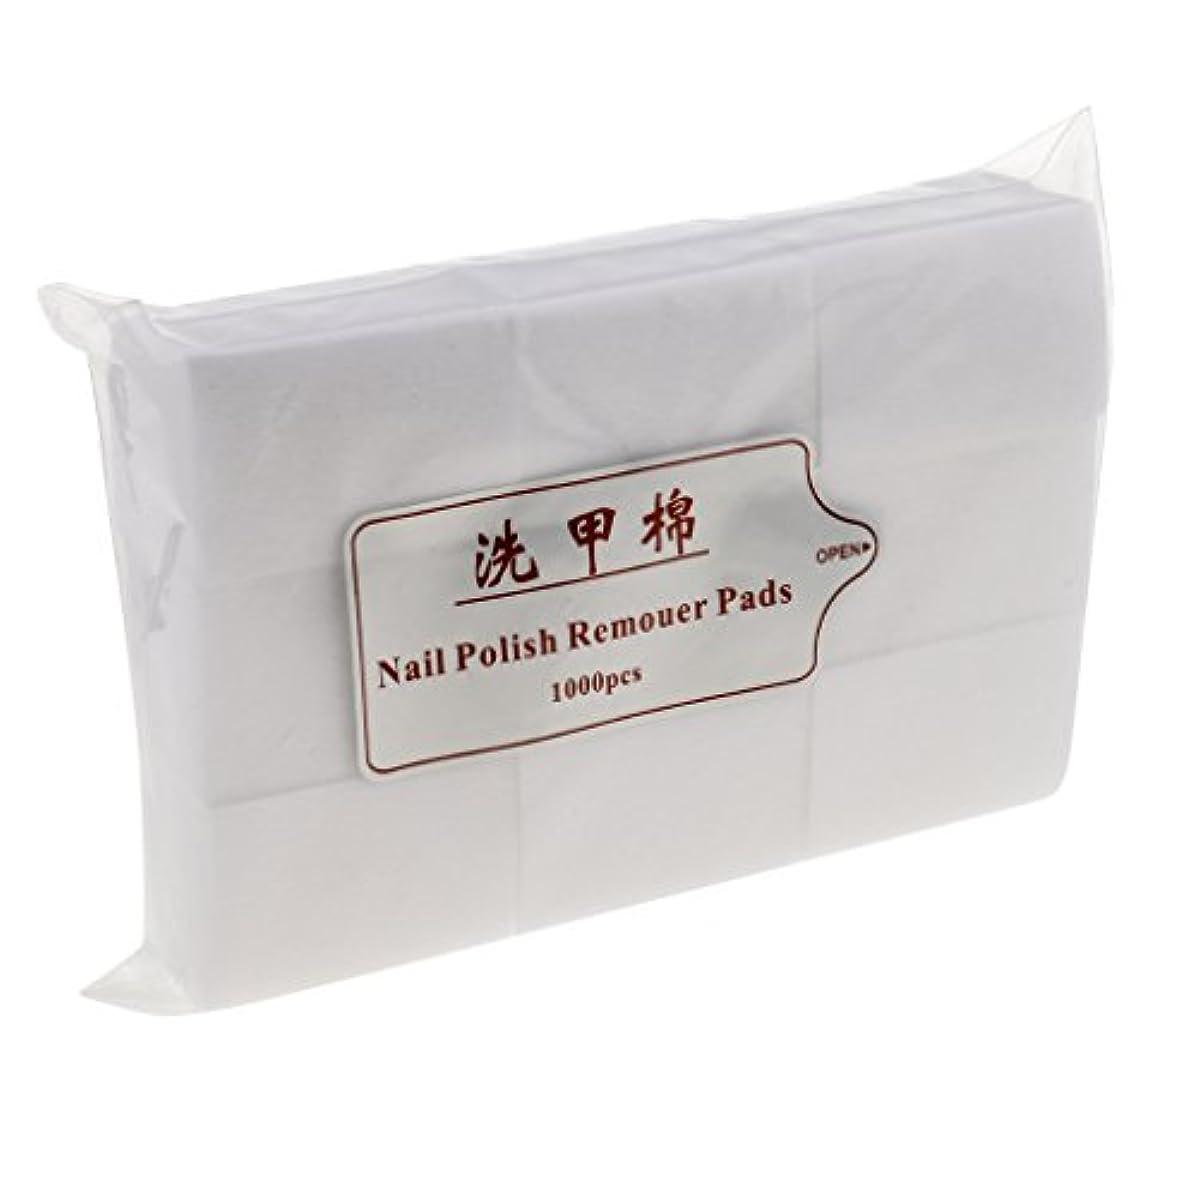 参照メリー無駄なBlesiya 約1000個 ネイルコットンパッド ネイル パッド ネイルアートチップ パッド紙 吸水性 便利 ネイルサロン